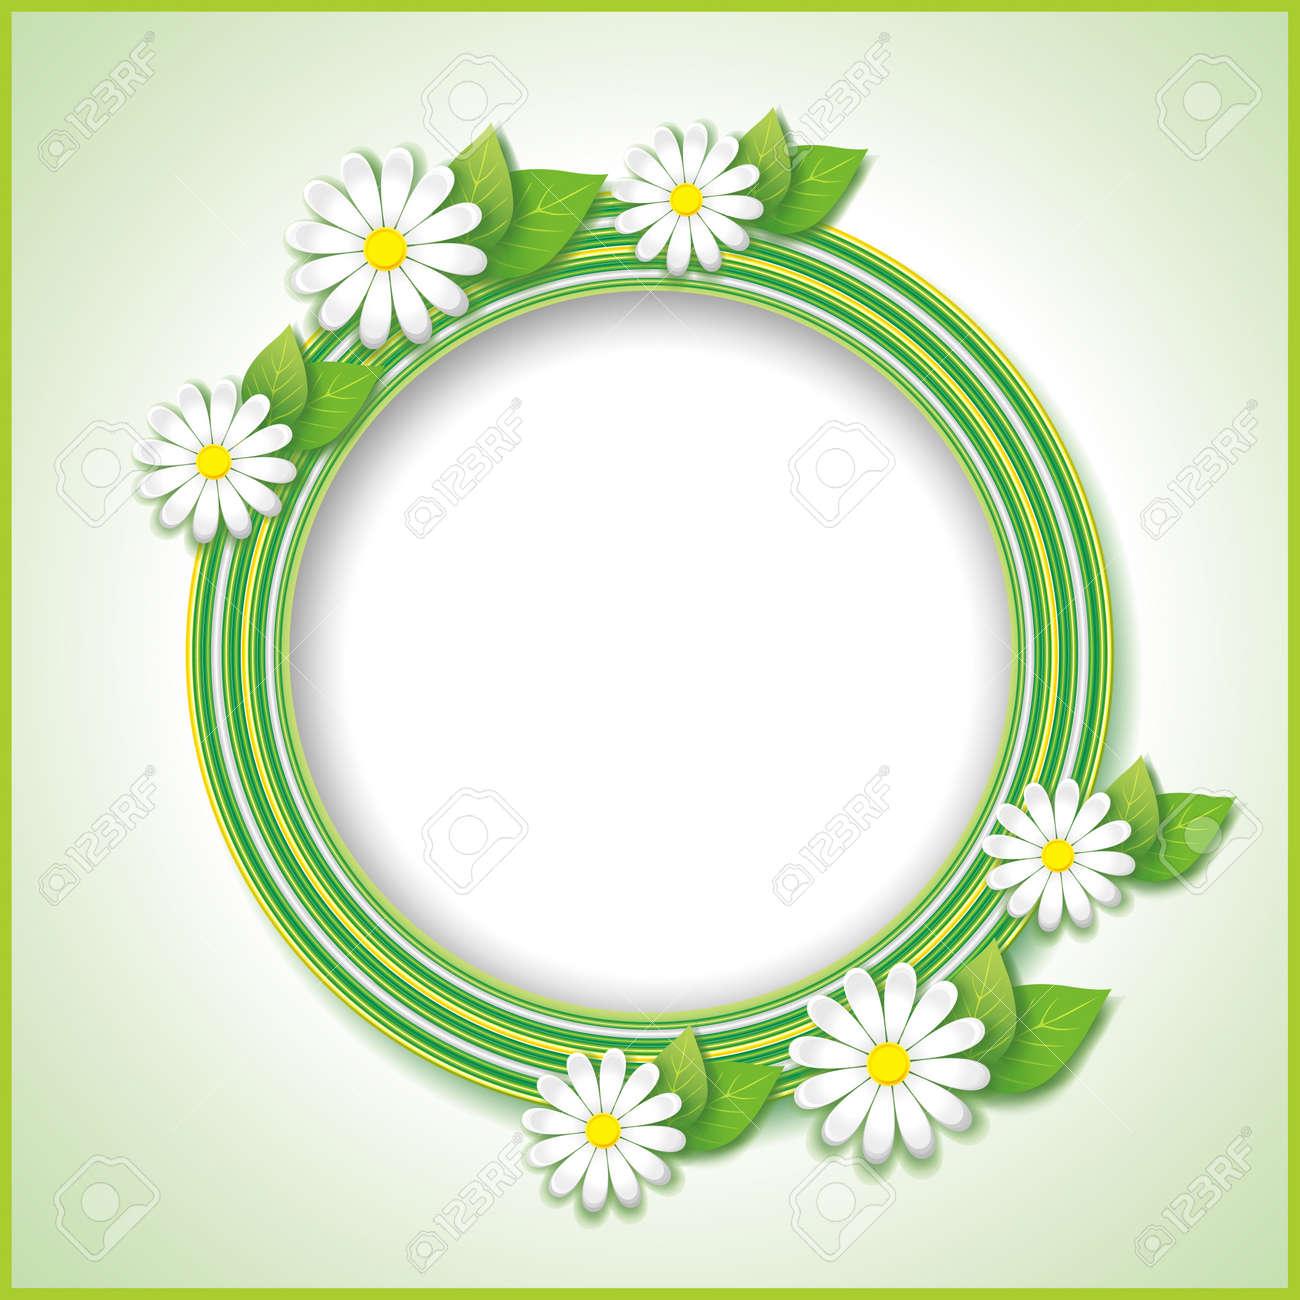 Spring or summer vintage background with flower camomile, floral frame  Vector illustration Stock Vector - 18959329